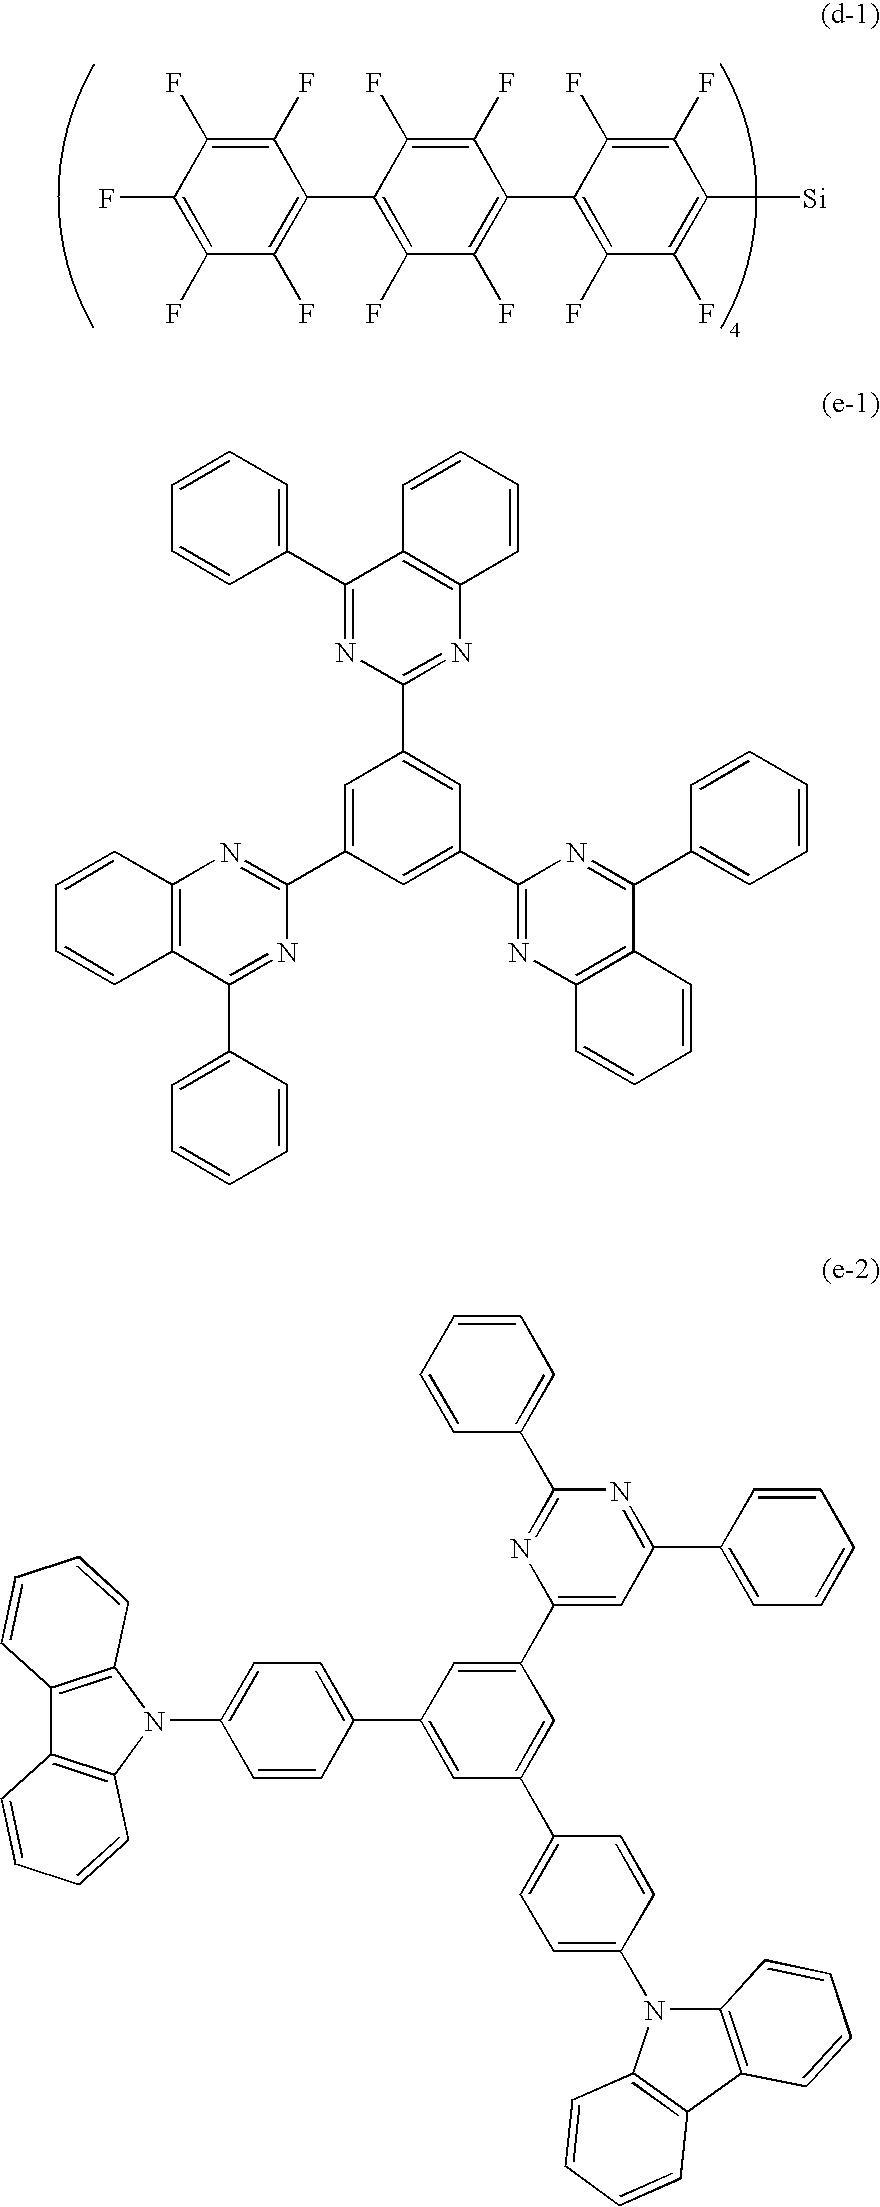 Figure US20070069638A1-20070329-C00029